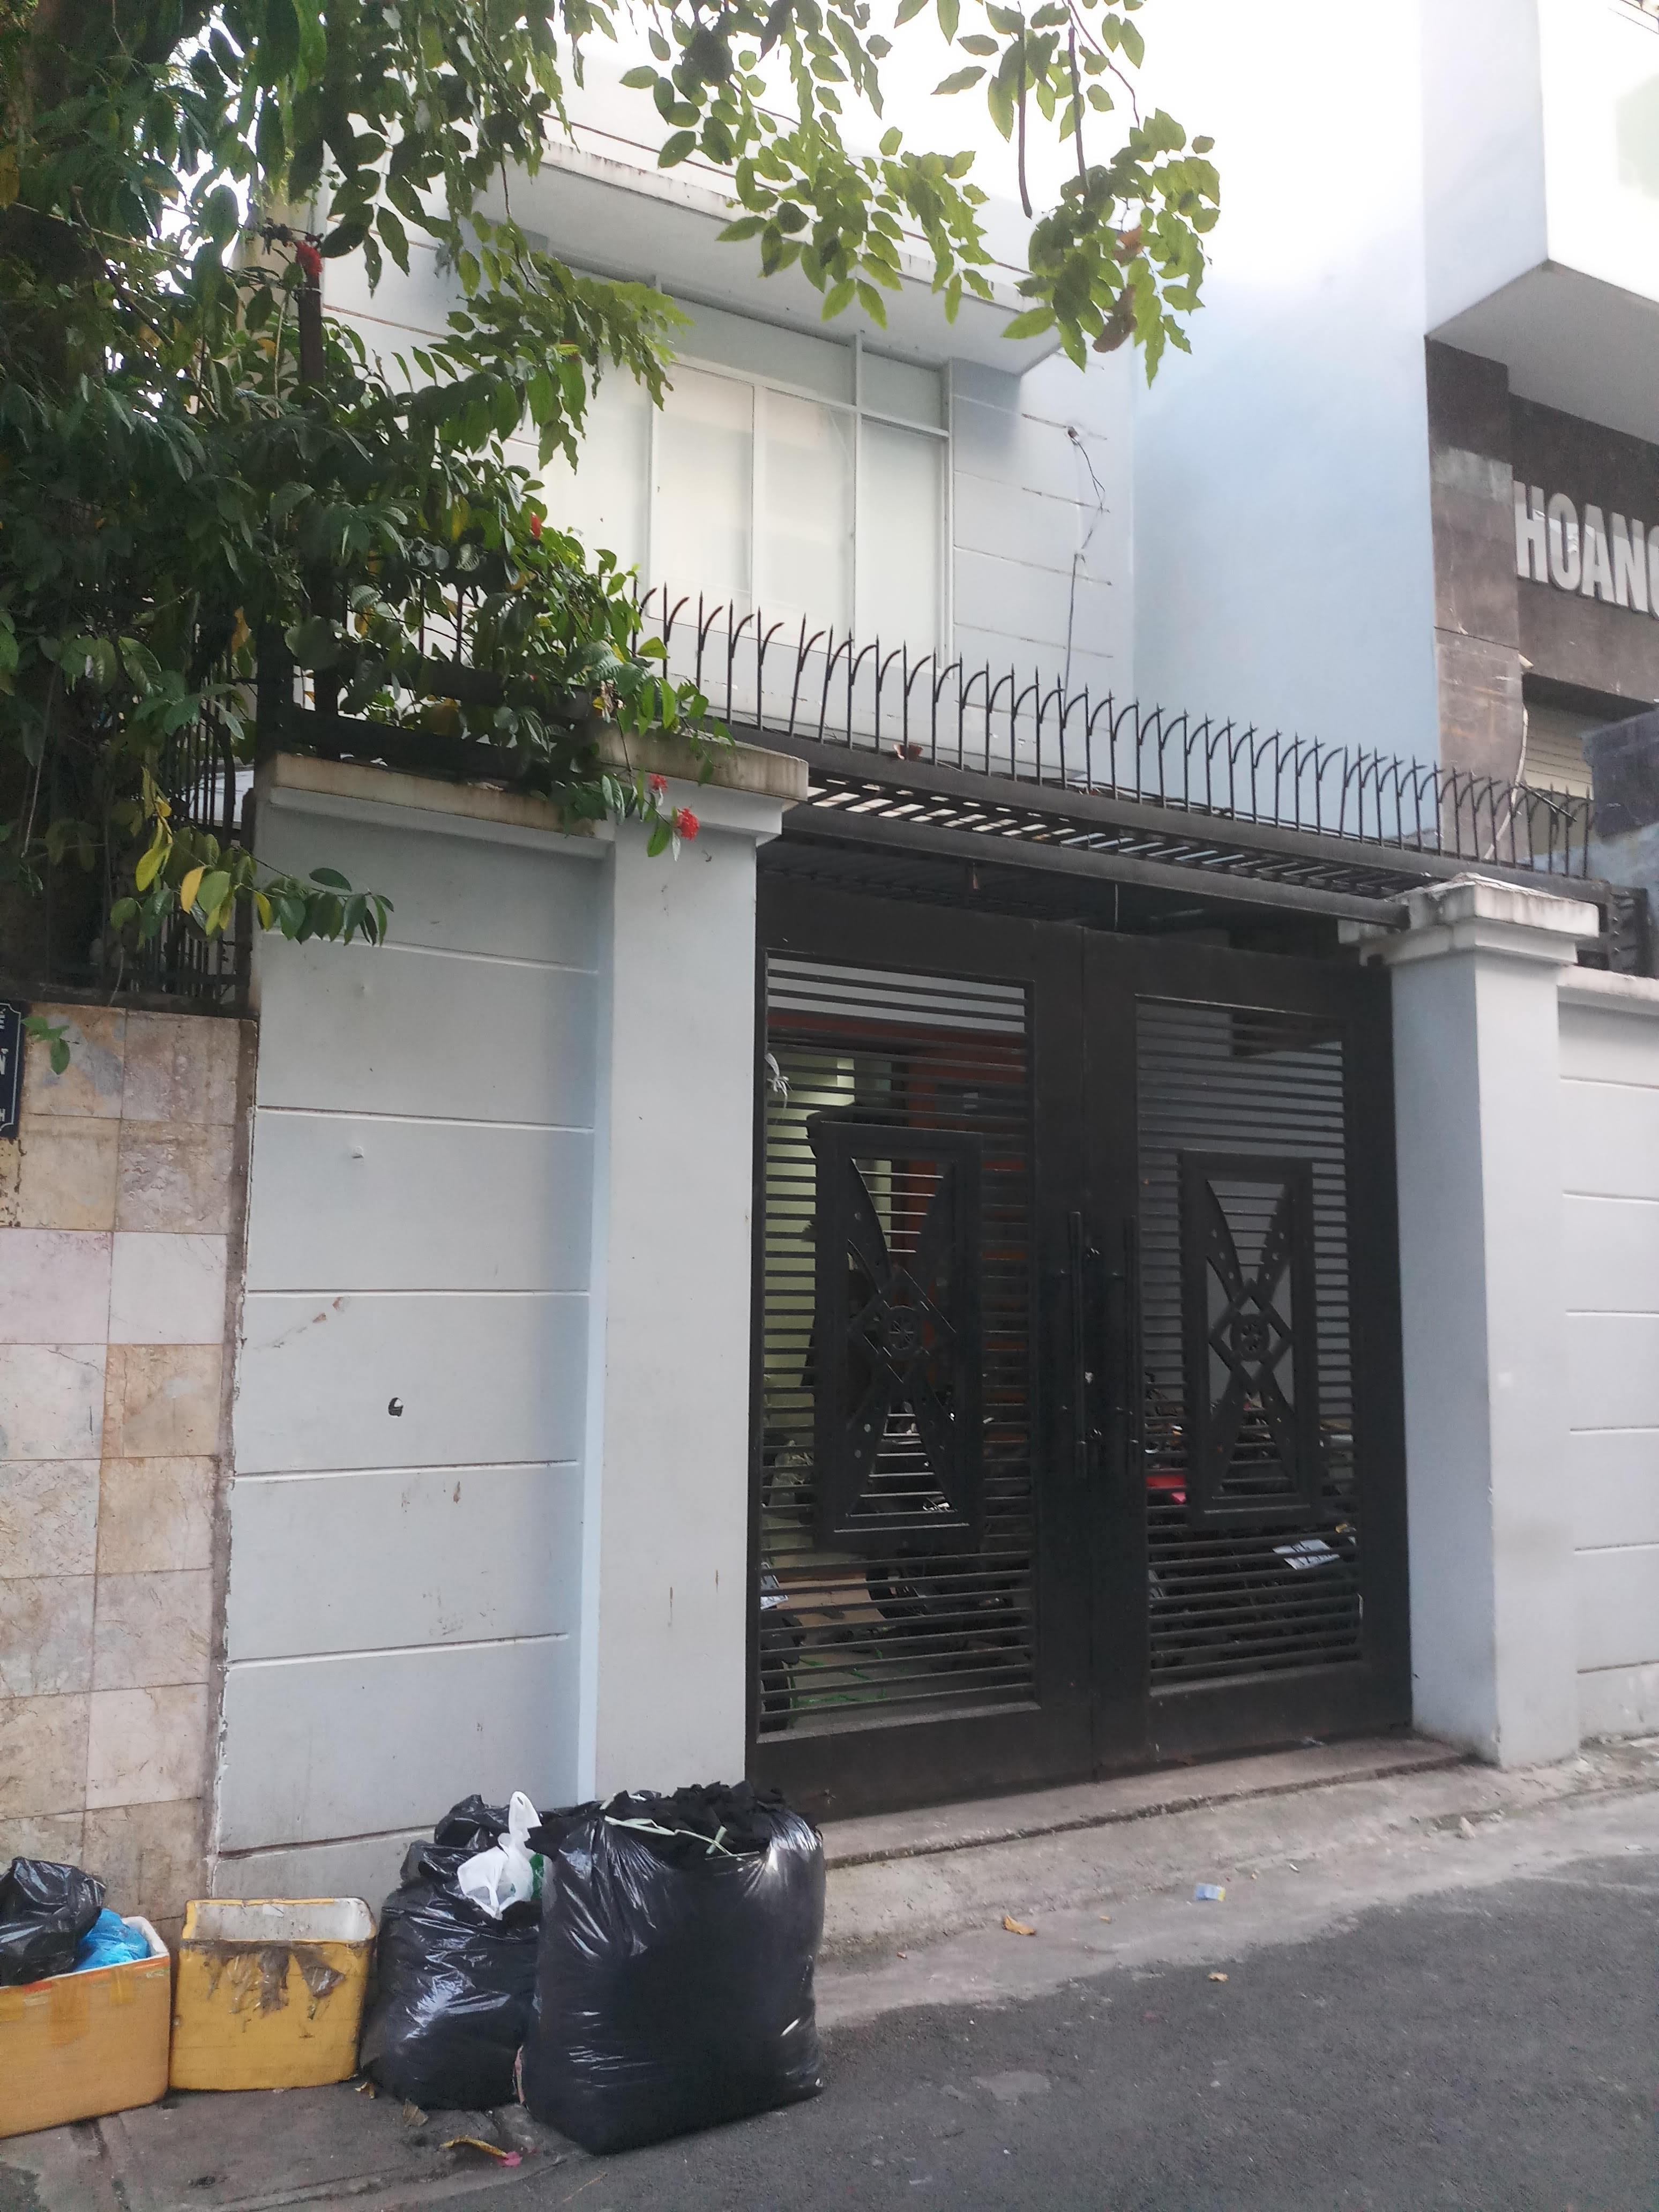 Cho thuê nguyên căn góc 2 mặt tiền Bế Văn Đàn, P.14, Tân Bình; 4x18m, 2 lầu, giá 28 triệu